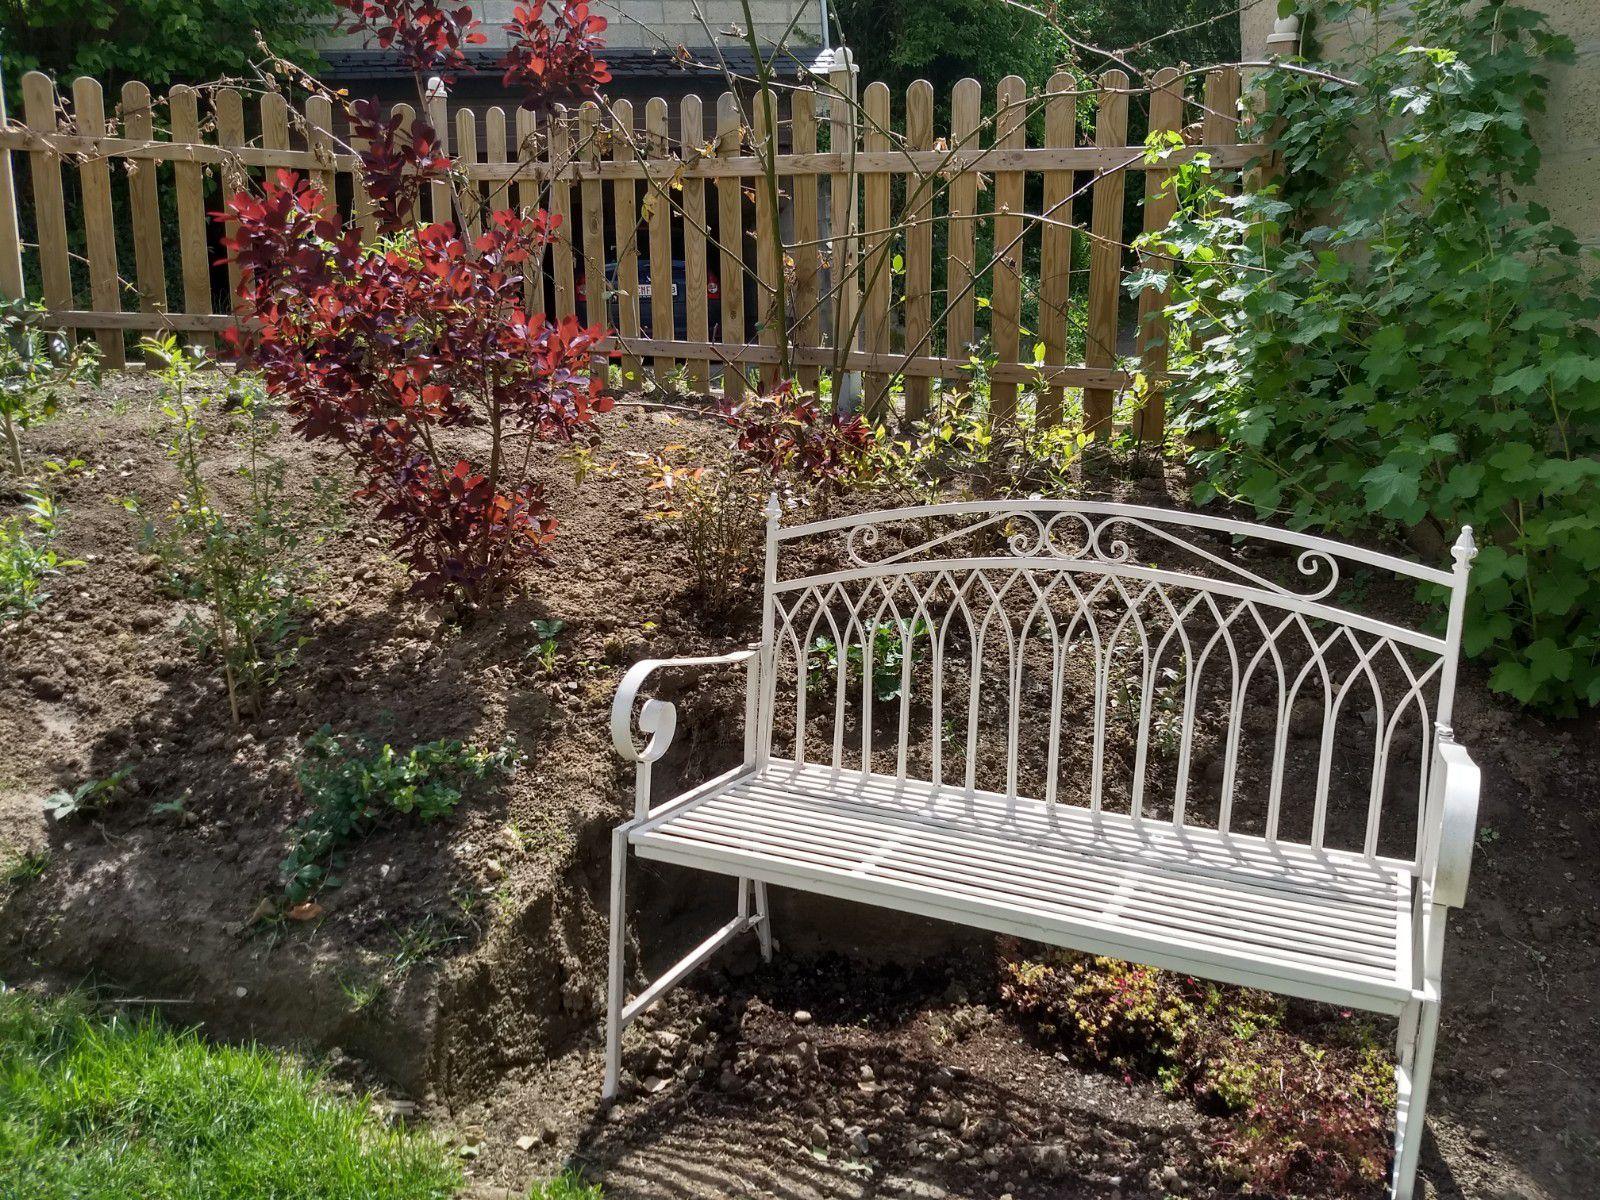 Un jardin nourricier et d'ornement à l'anglaise, pour le plaisir des yeux et du palais